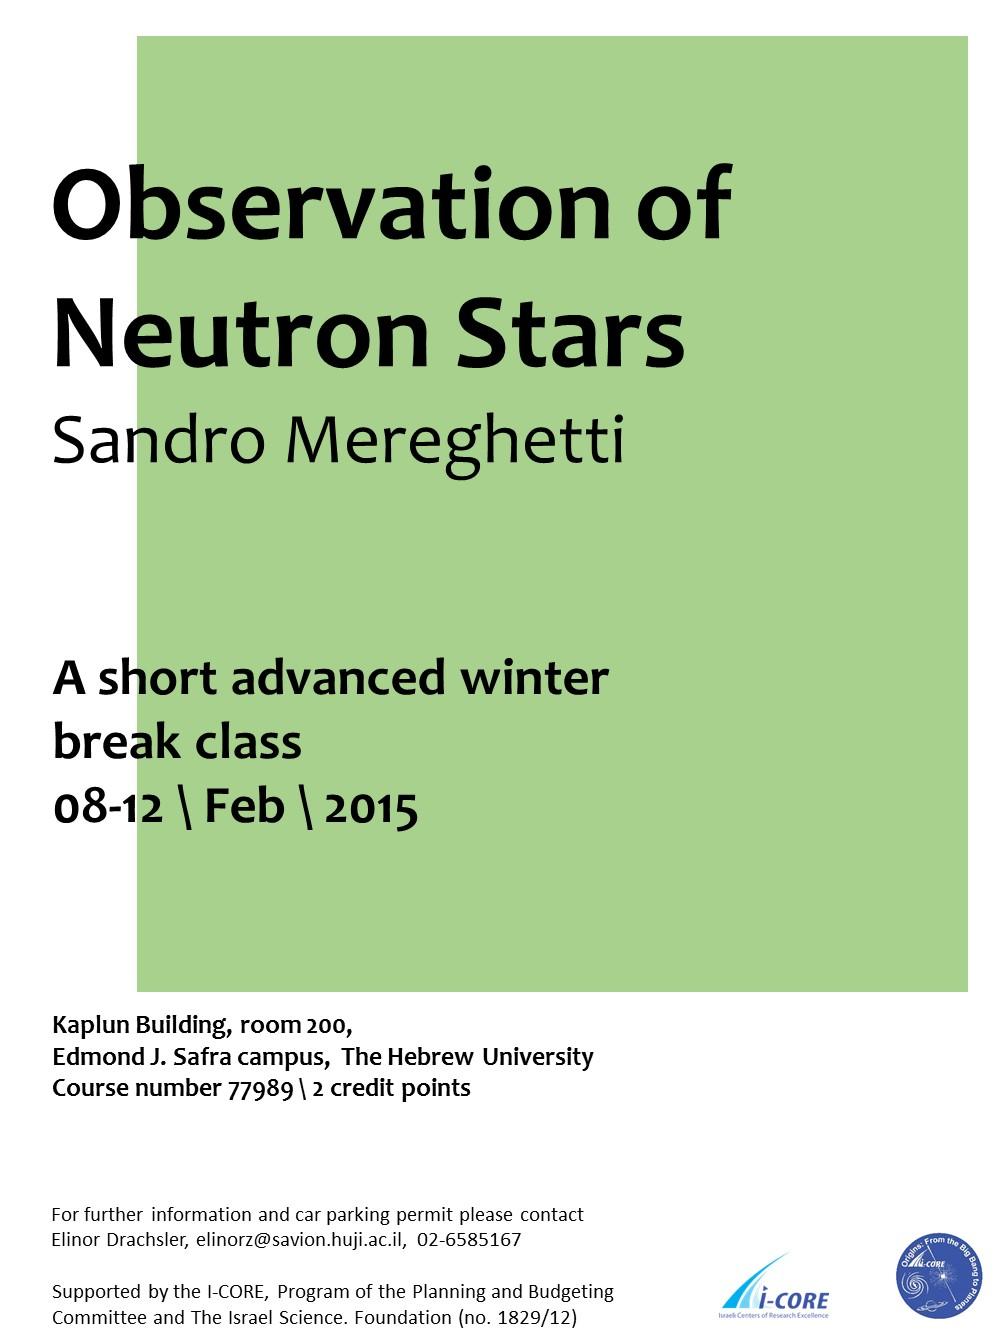 Class Observation Neutron Stars poster